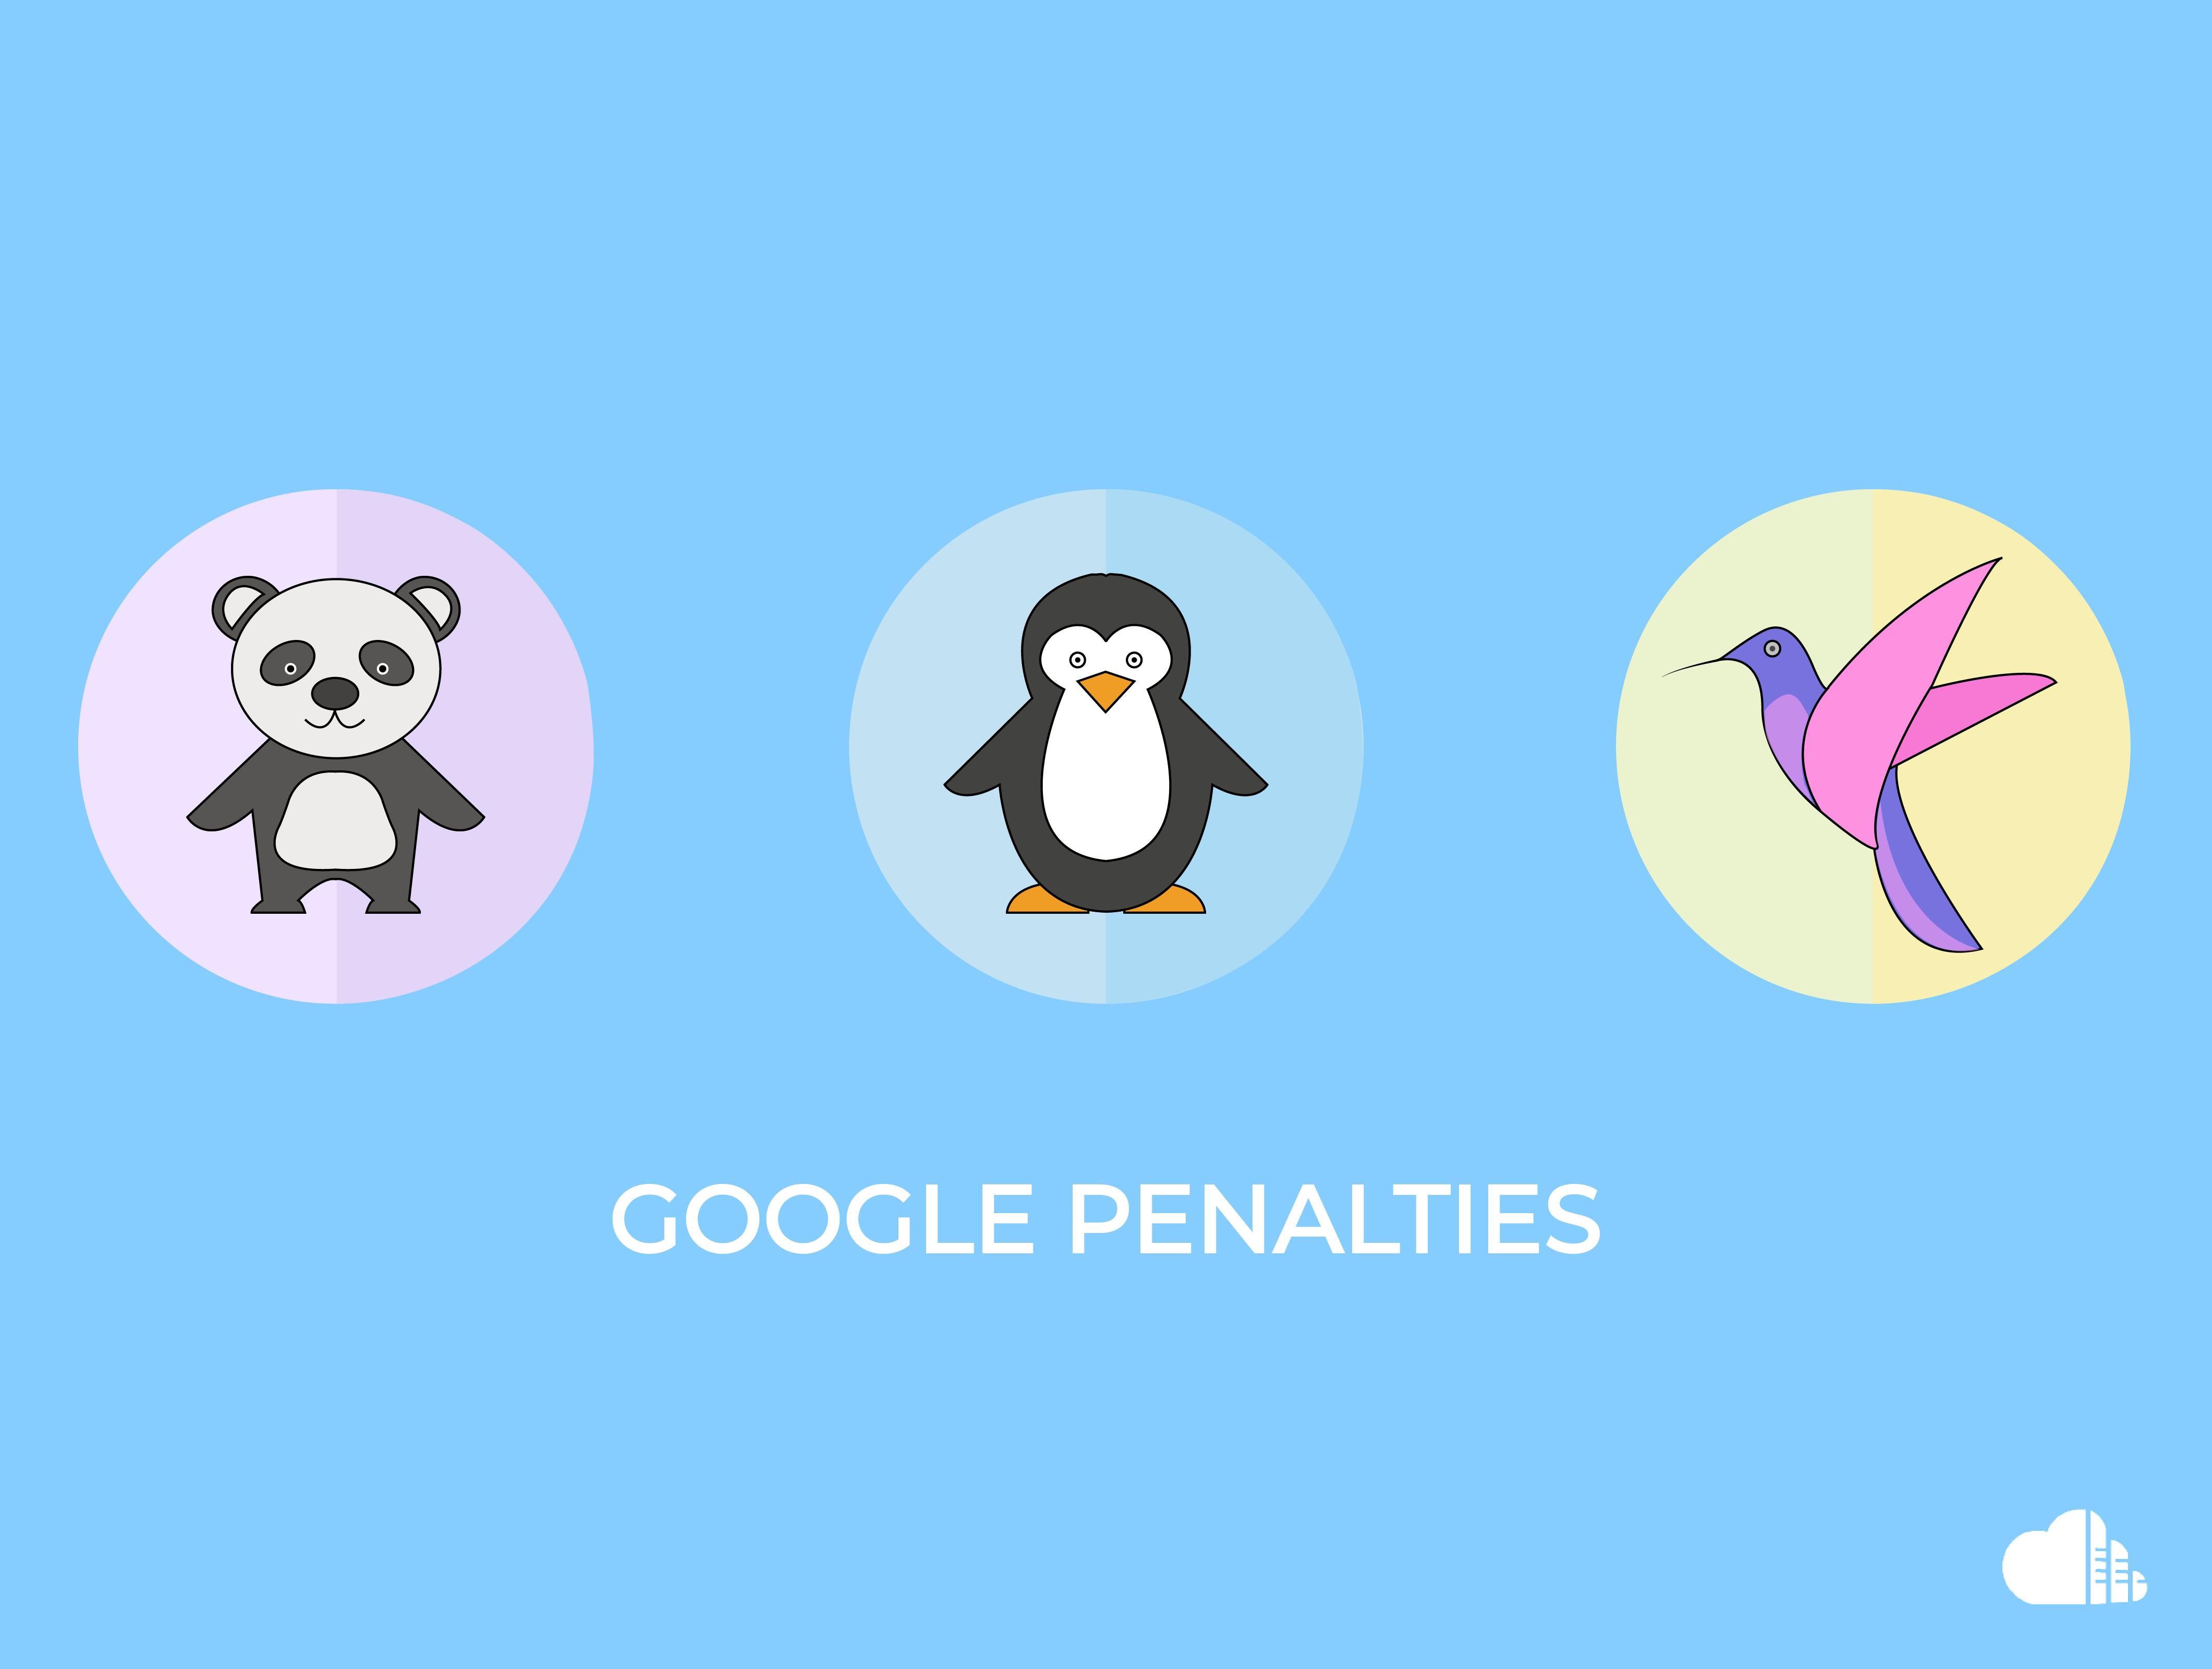 Penalties by Google